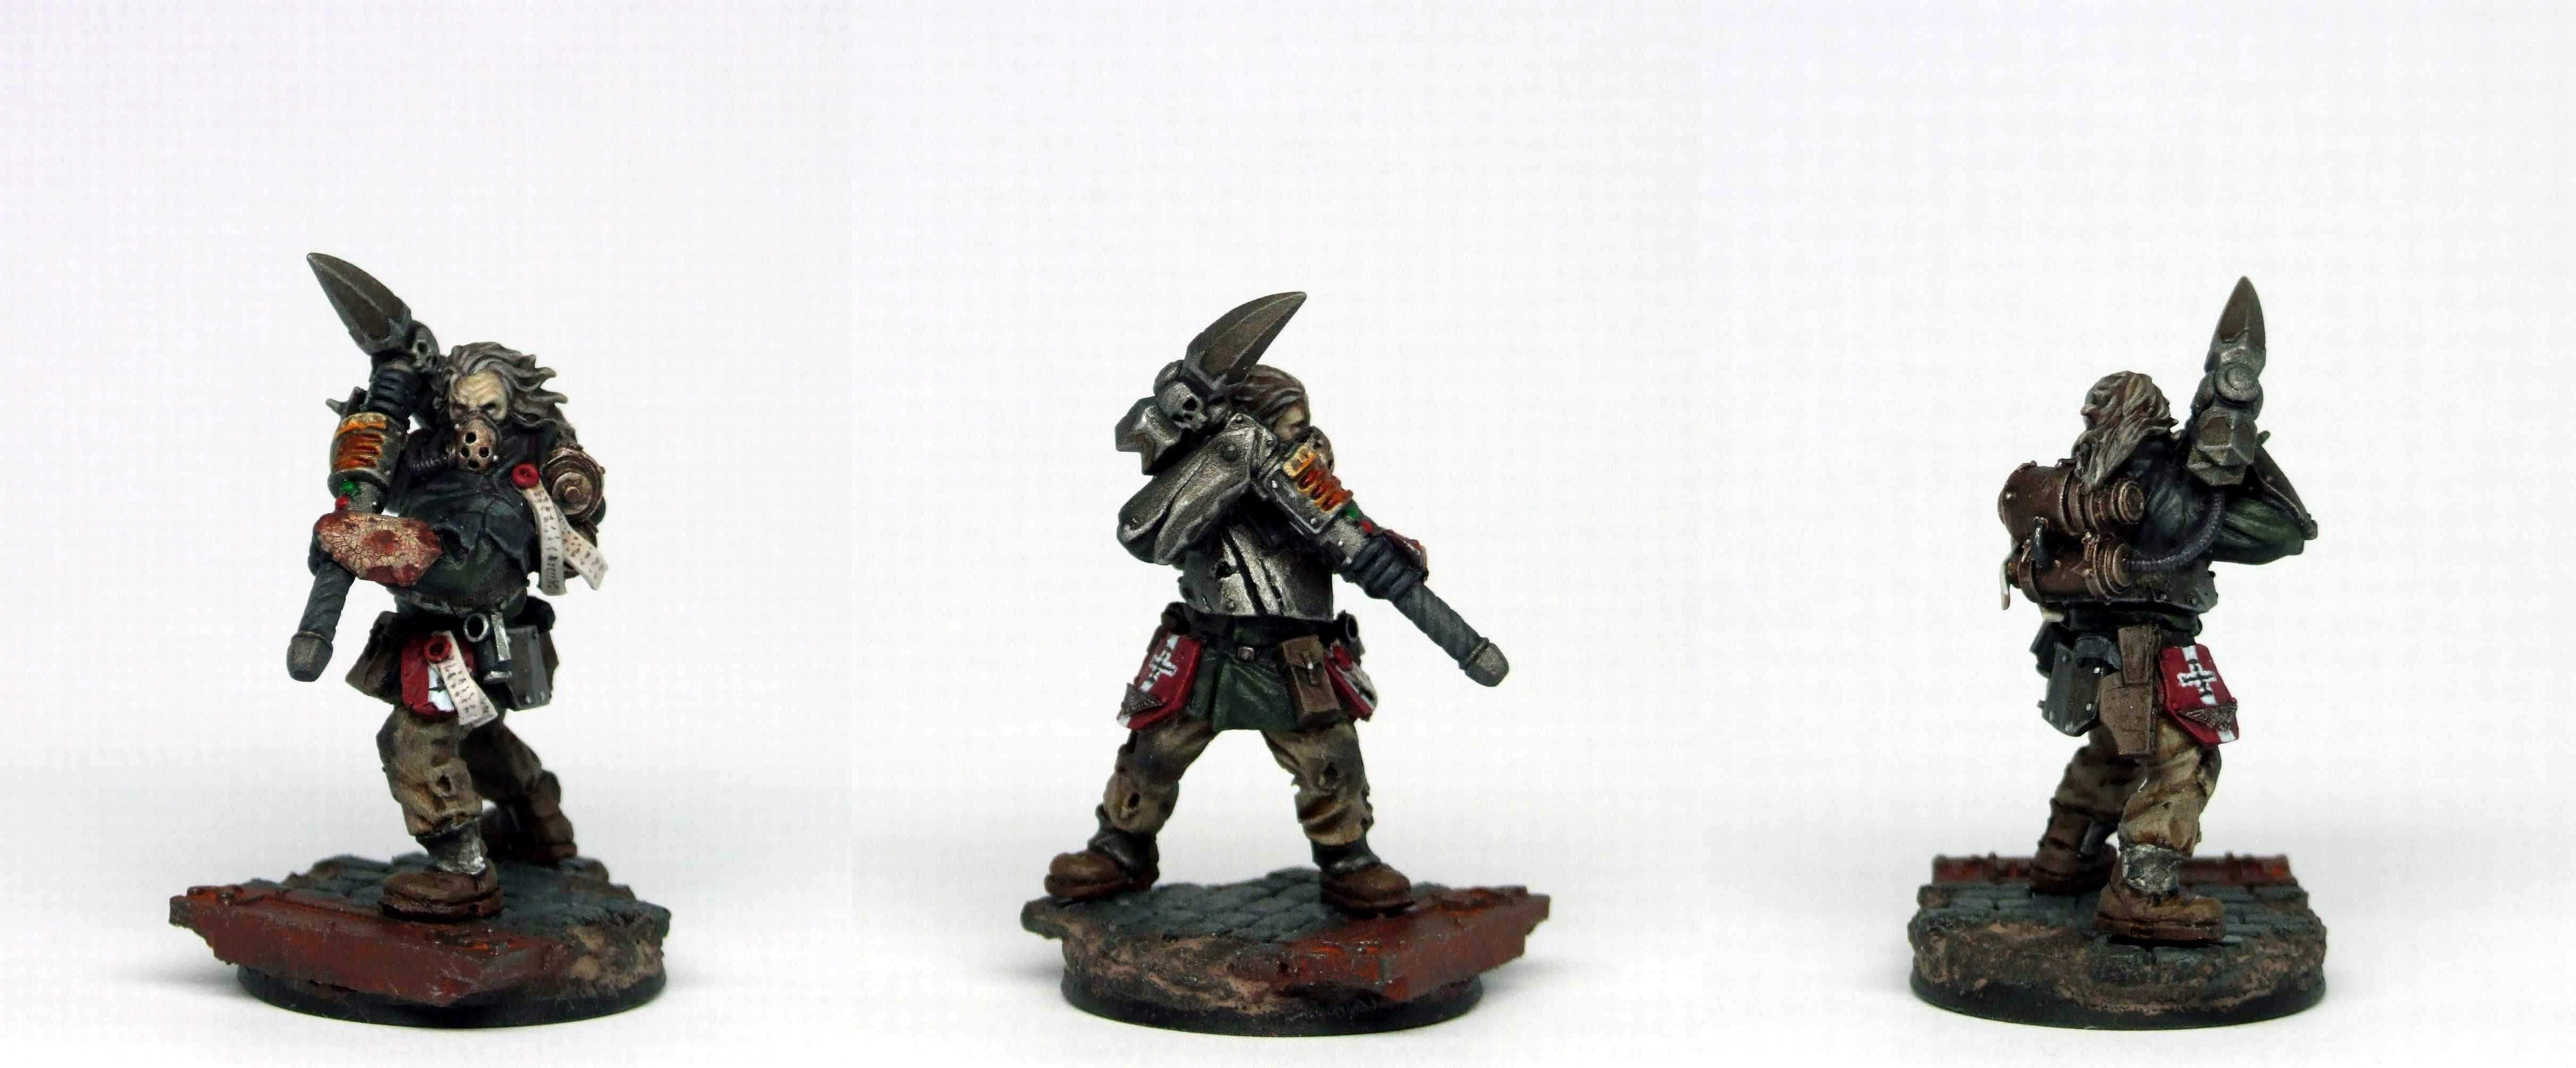 Inq28, Inquisitor, Miner, Ordo Malleus, Renegade Militia